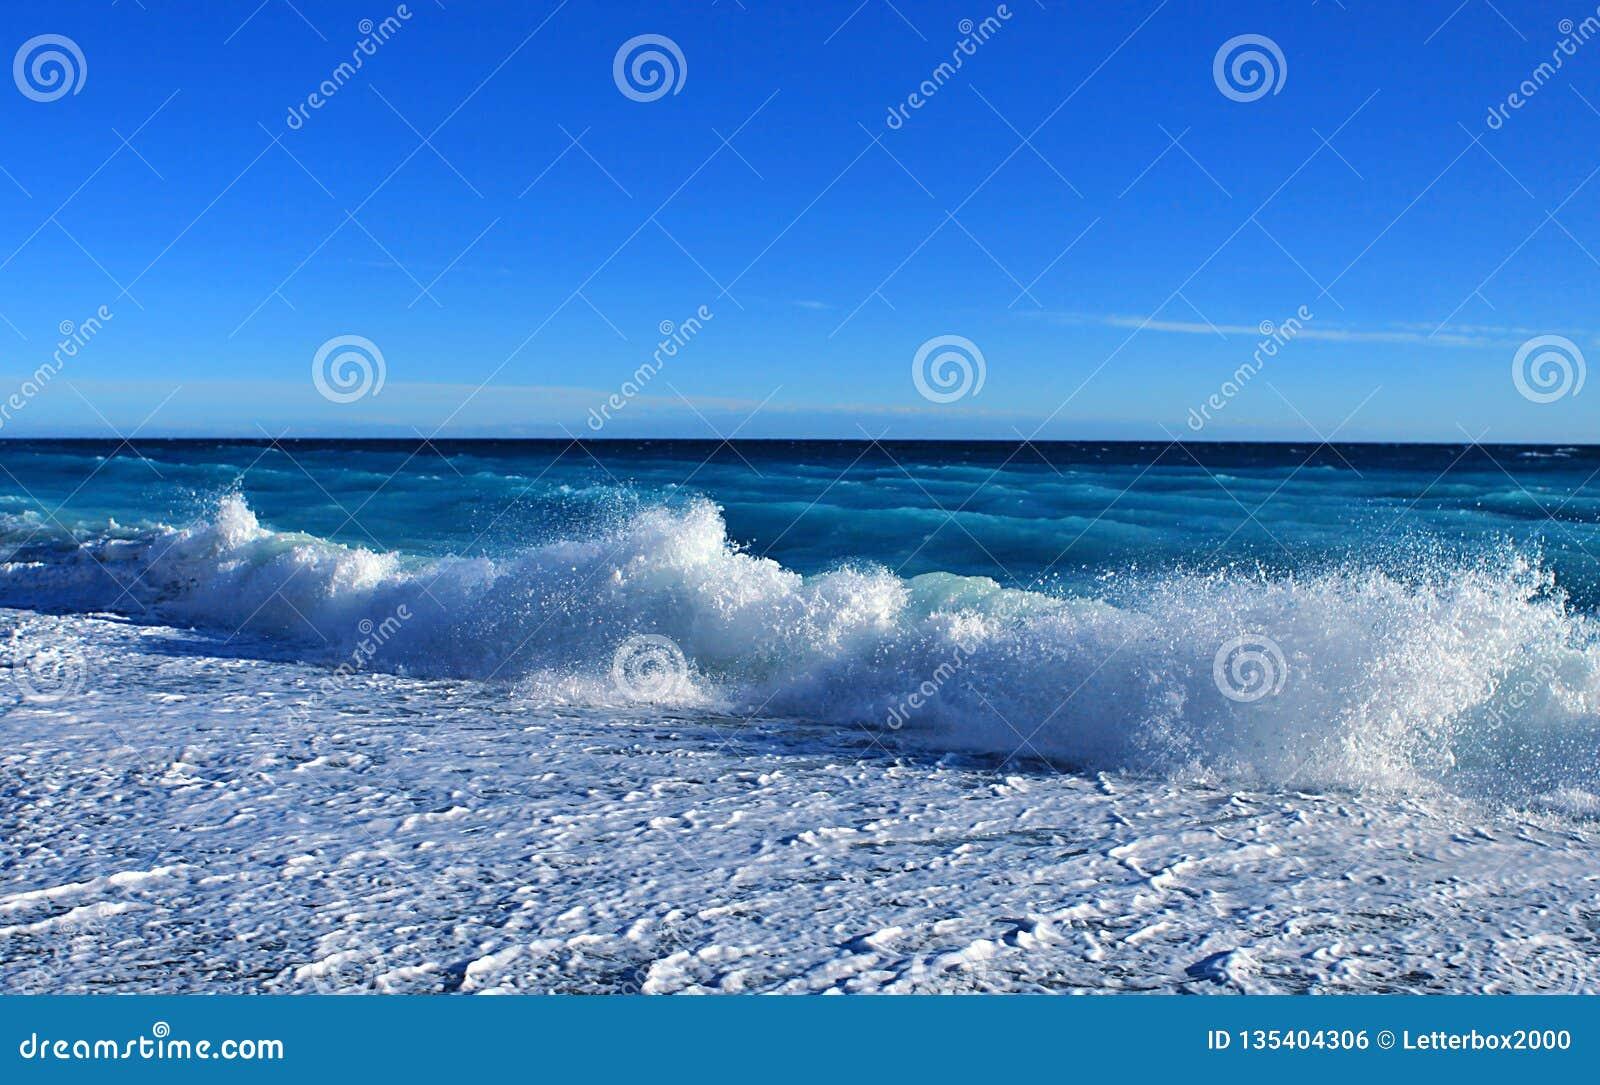 Schöne blaue Seewelle Cote d Azur, Mittelmeer